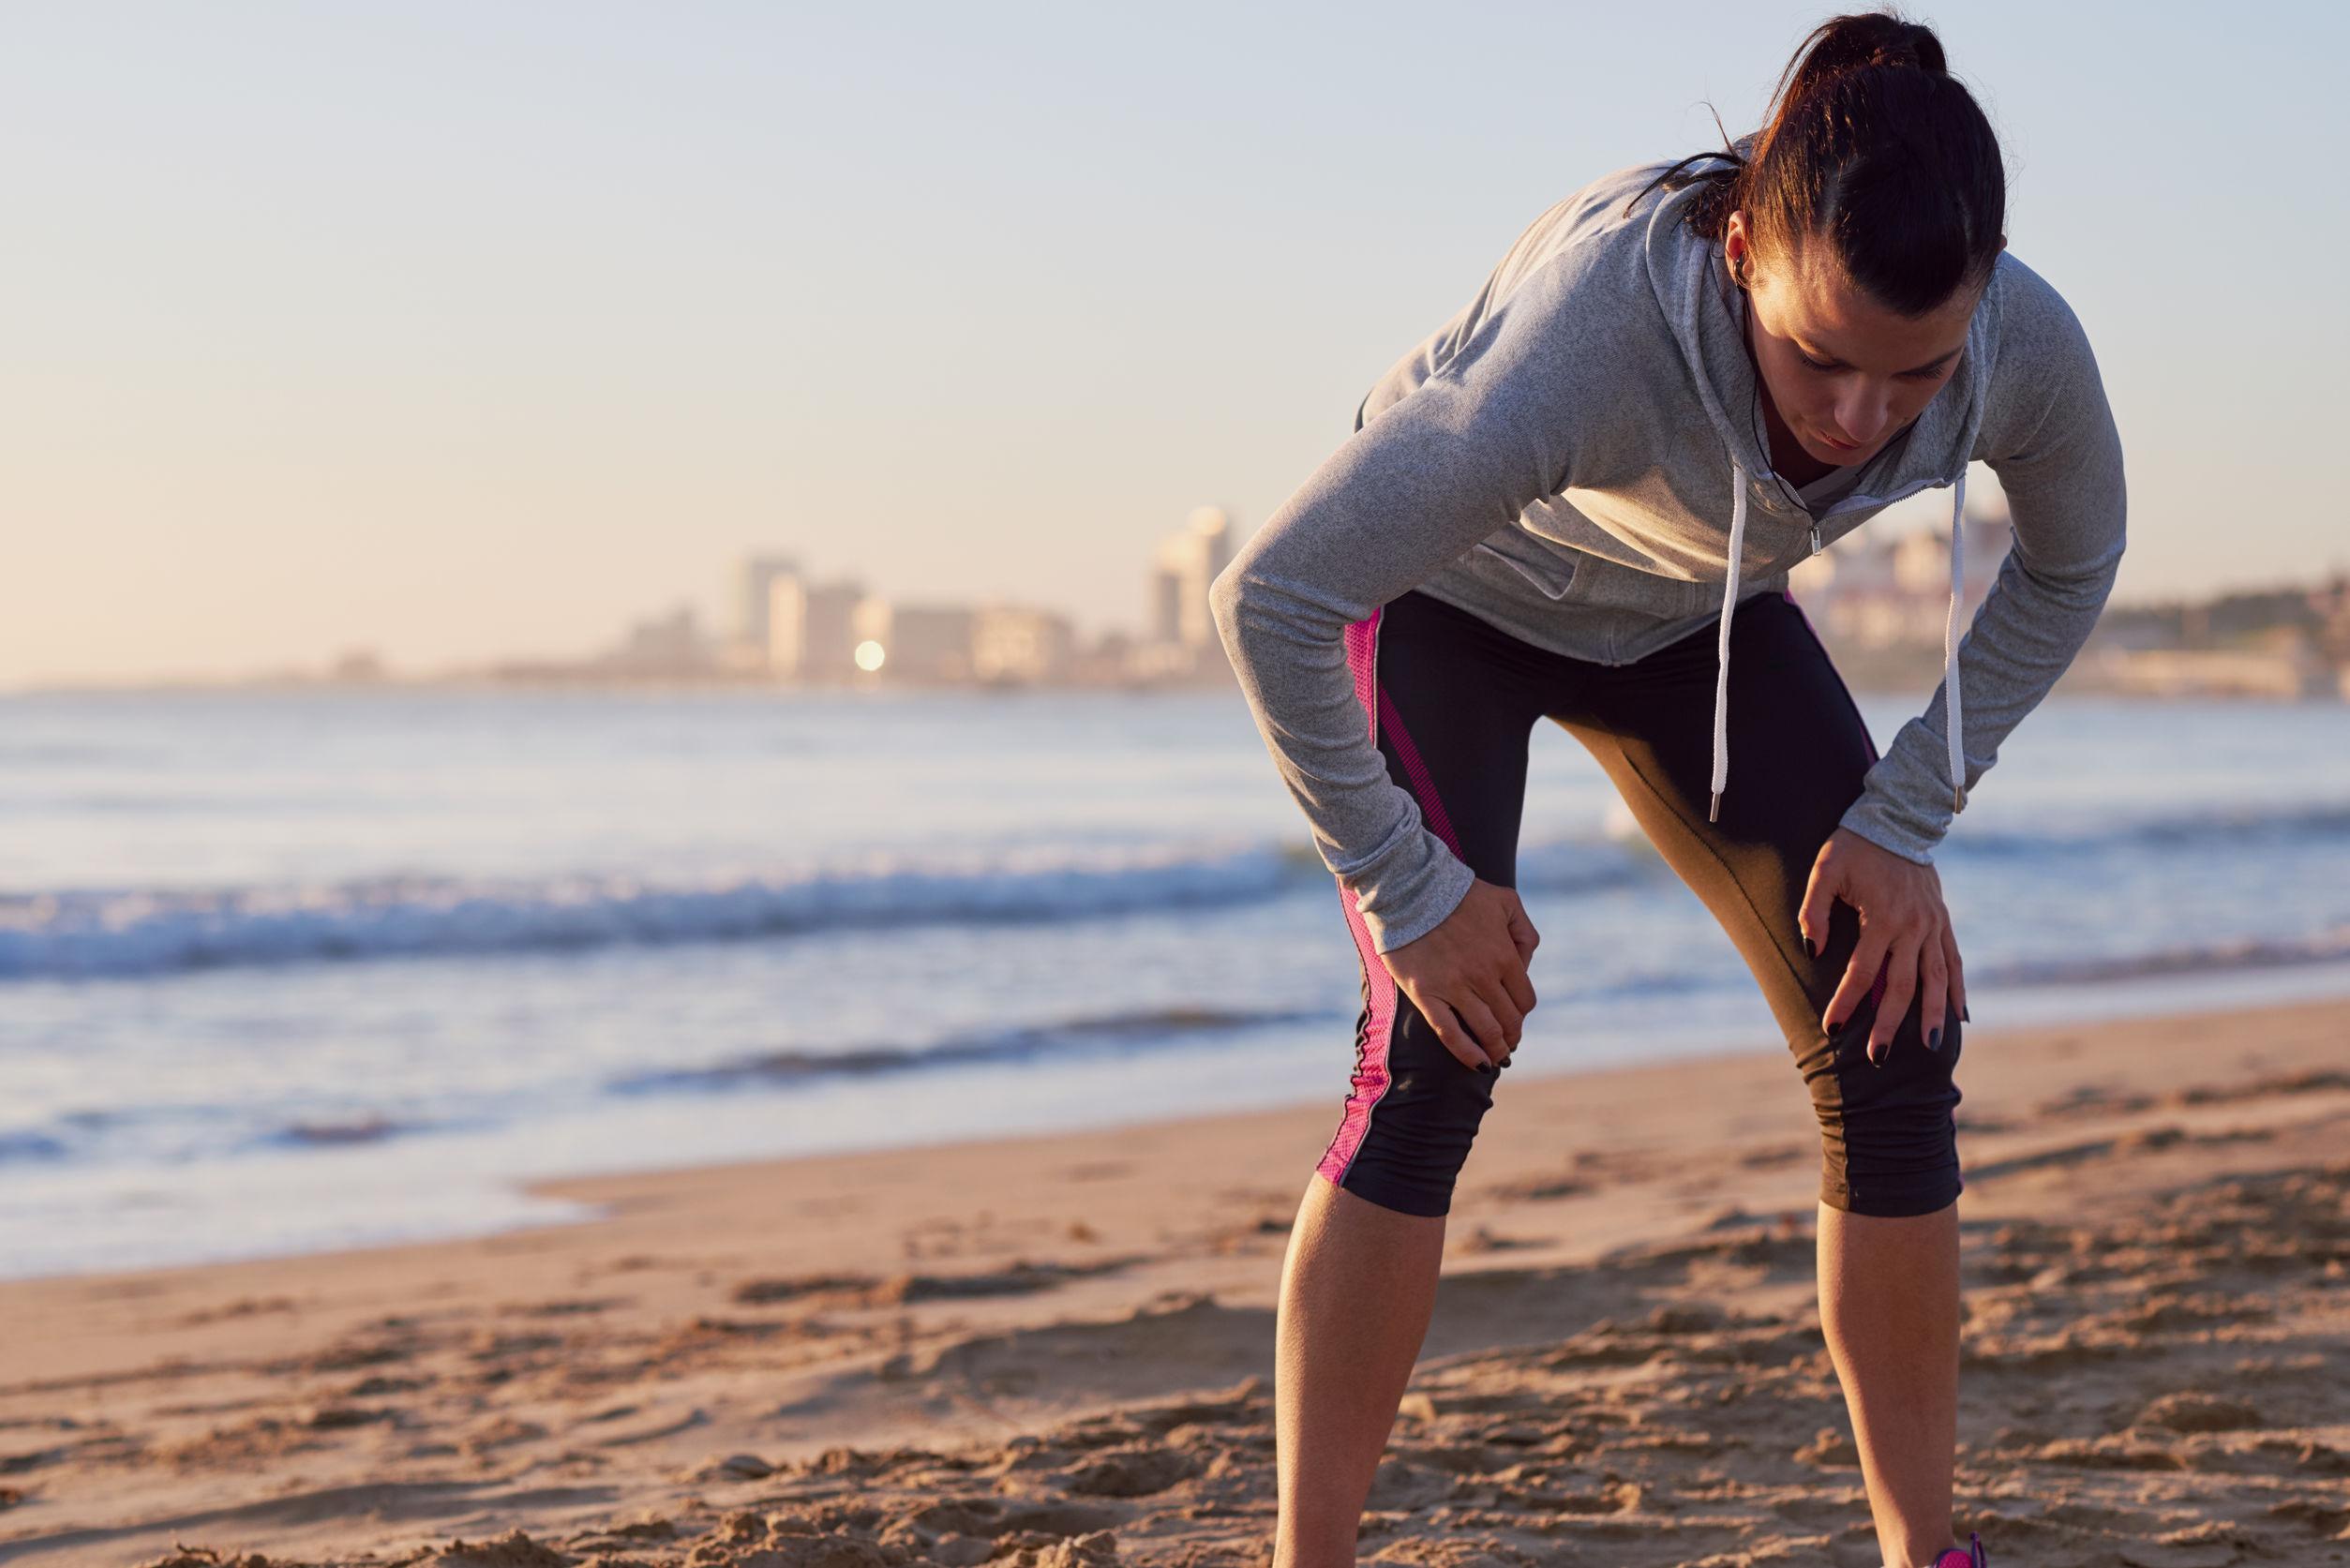 corredora agotada después de entrenamiento de fitness corriendo recuperar el aliento